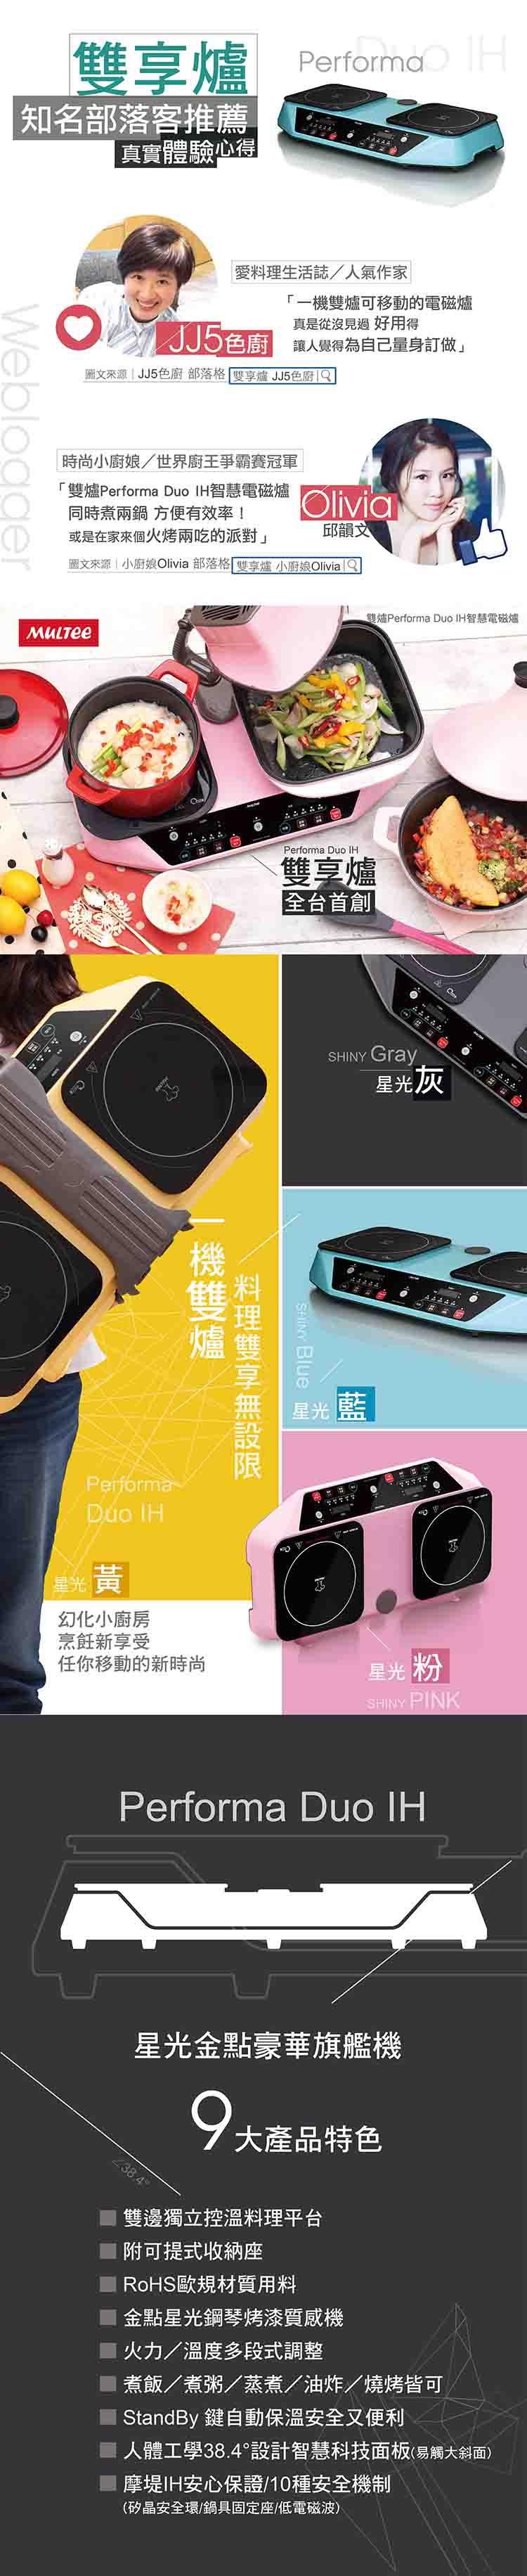 750-雙享爐網頁版-產品介紹+部落客 (1).jpg